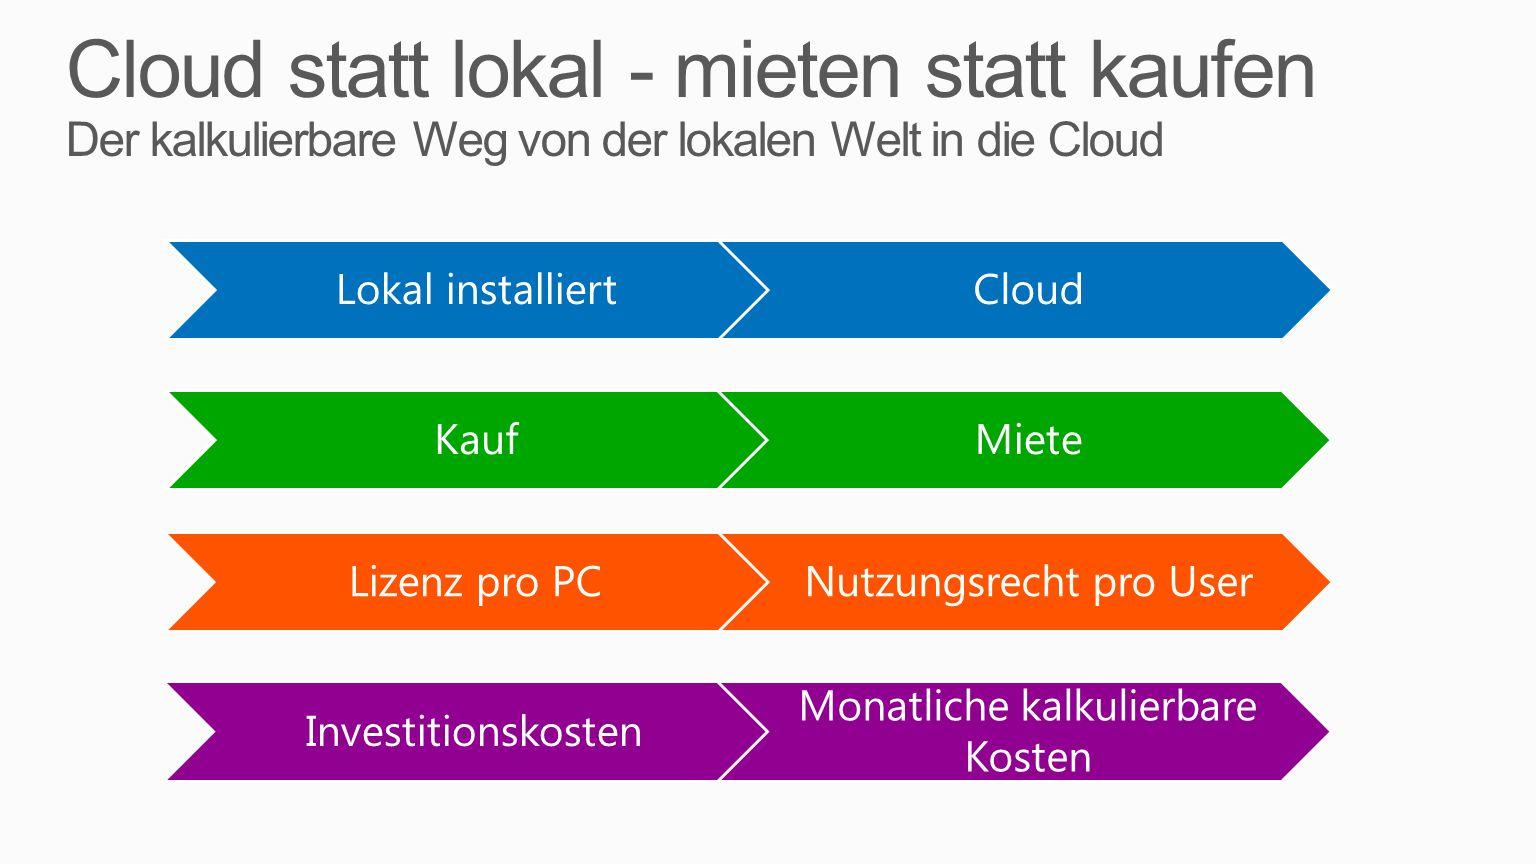 Cloud statt lokal - mieten statt kaufen Der kalkulierbare Weg von der lokalen Welt in die Cloud